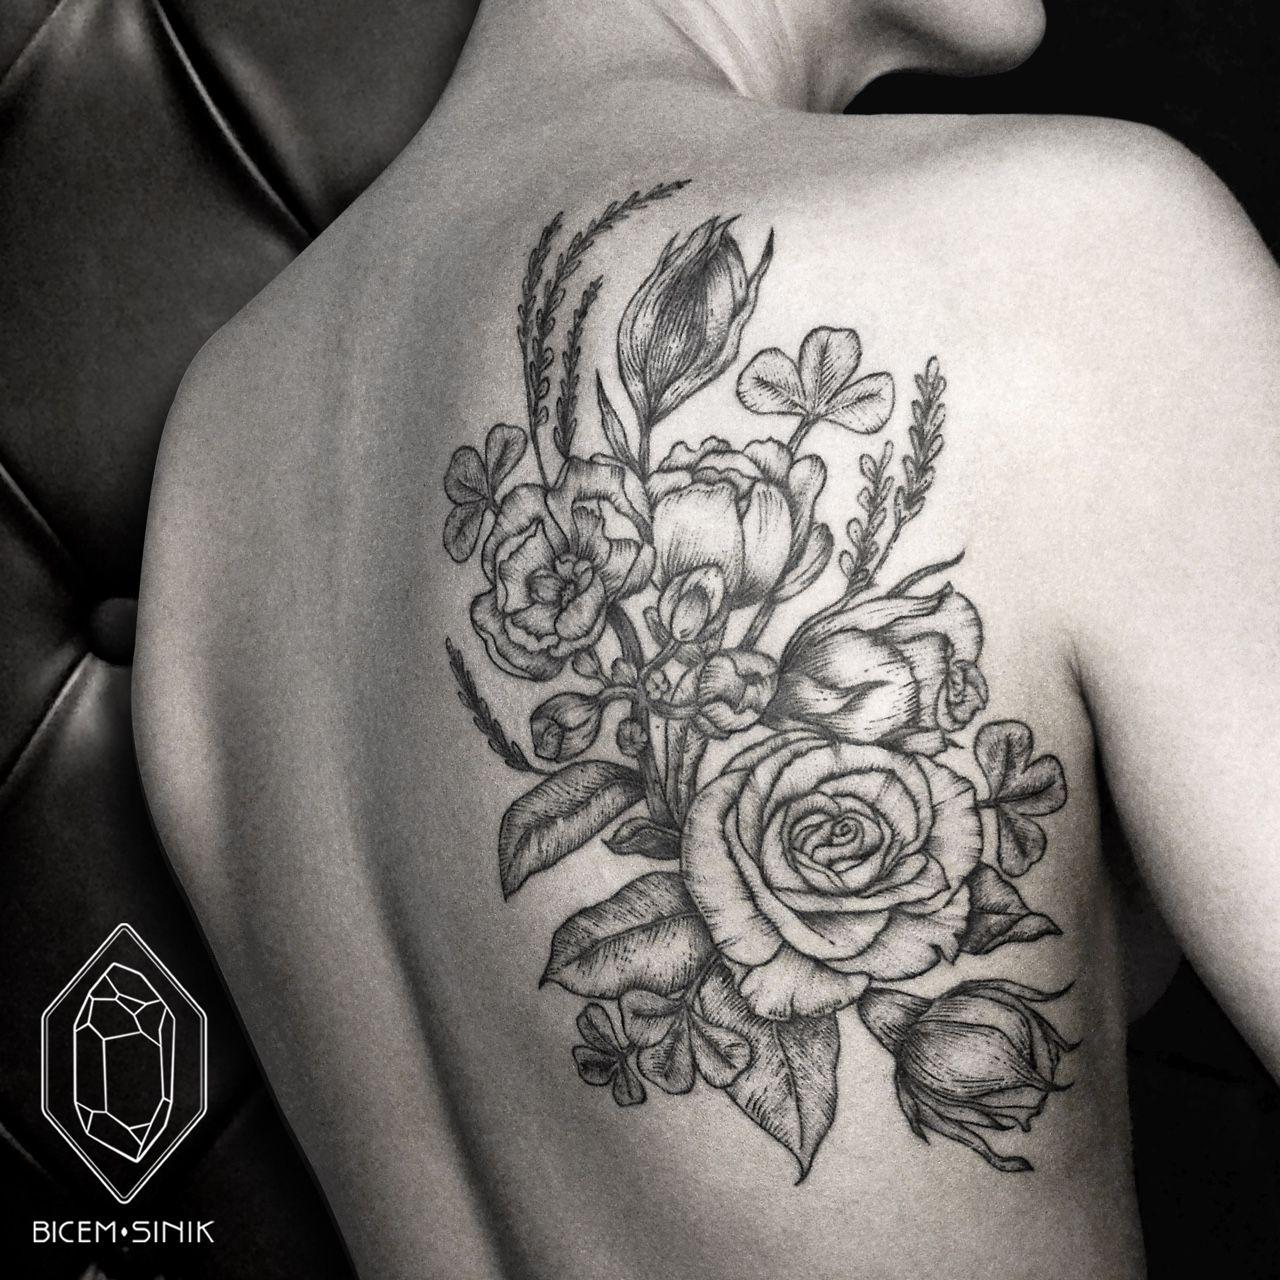 Bicem Sinik Tattoos Back Piece Tattoo Flower Tattoo Back